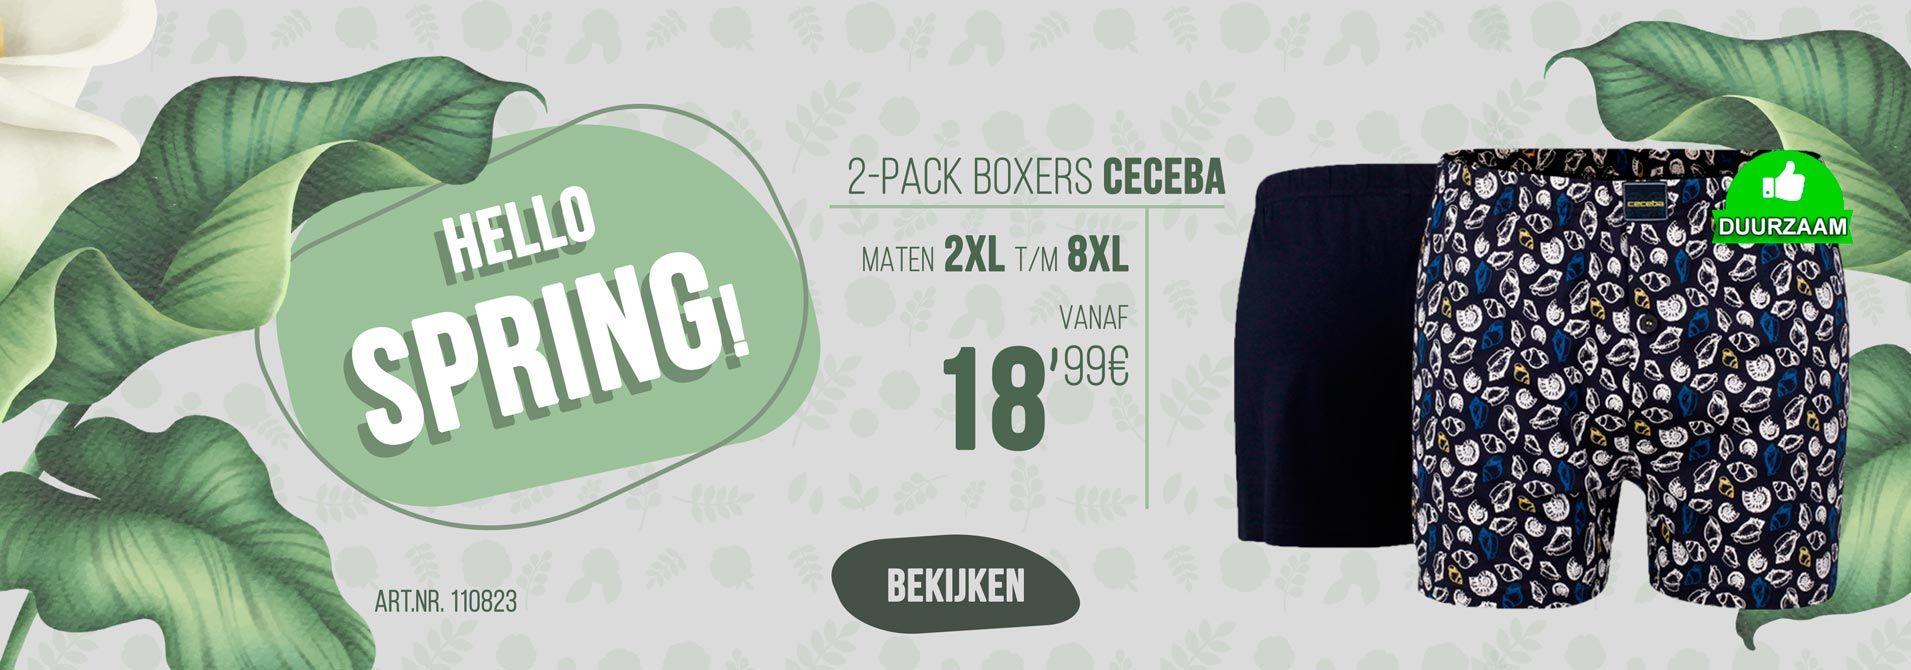 2-pack boxershorts van Ceceba